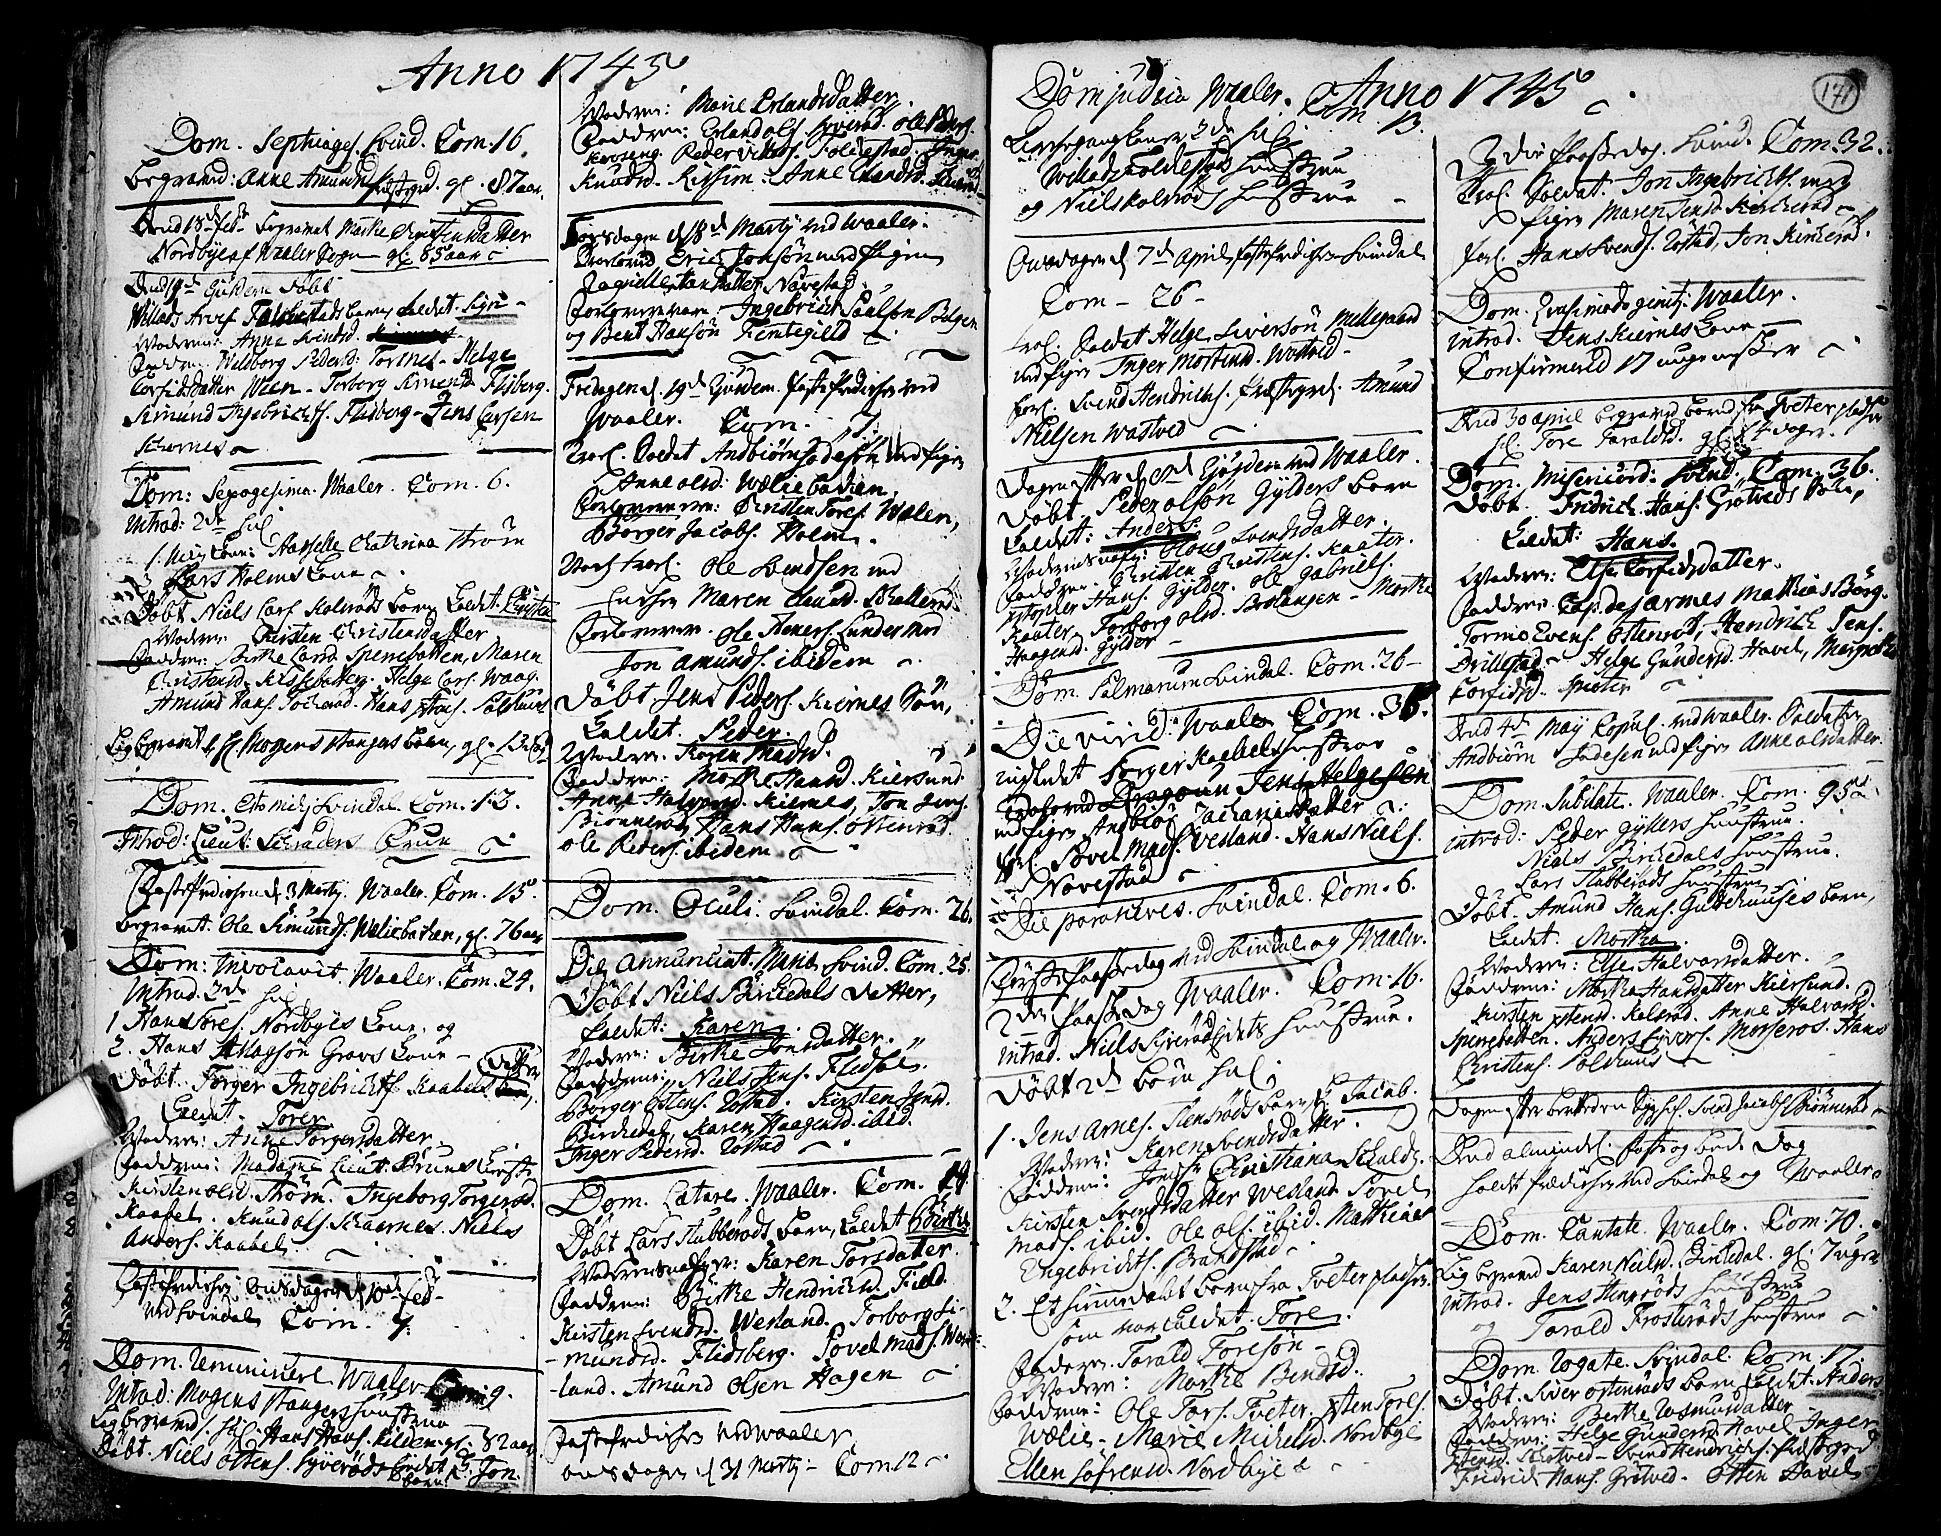 SAO, Våler prestekontor Kirkebøker, F/Fa/L0003: Ministerialbok nr. I 3, 1730-1770, s. 171